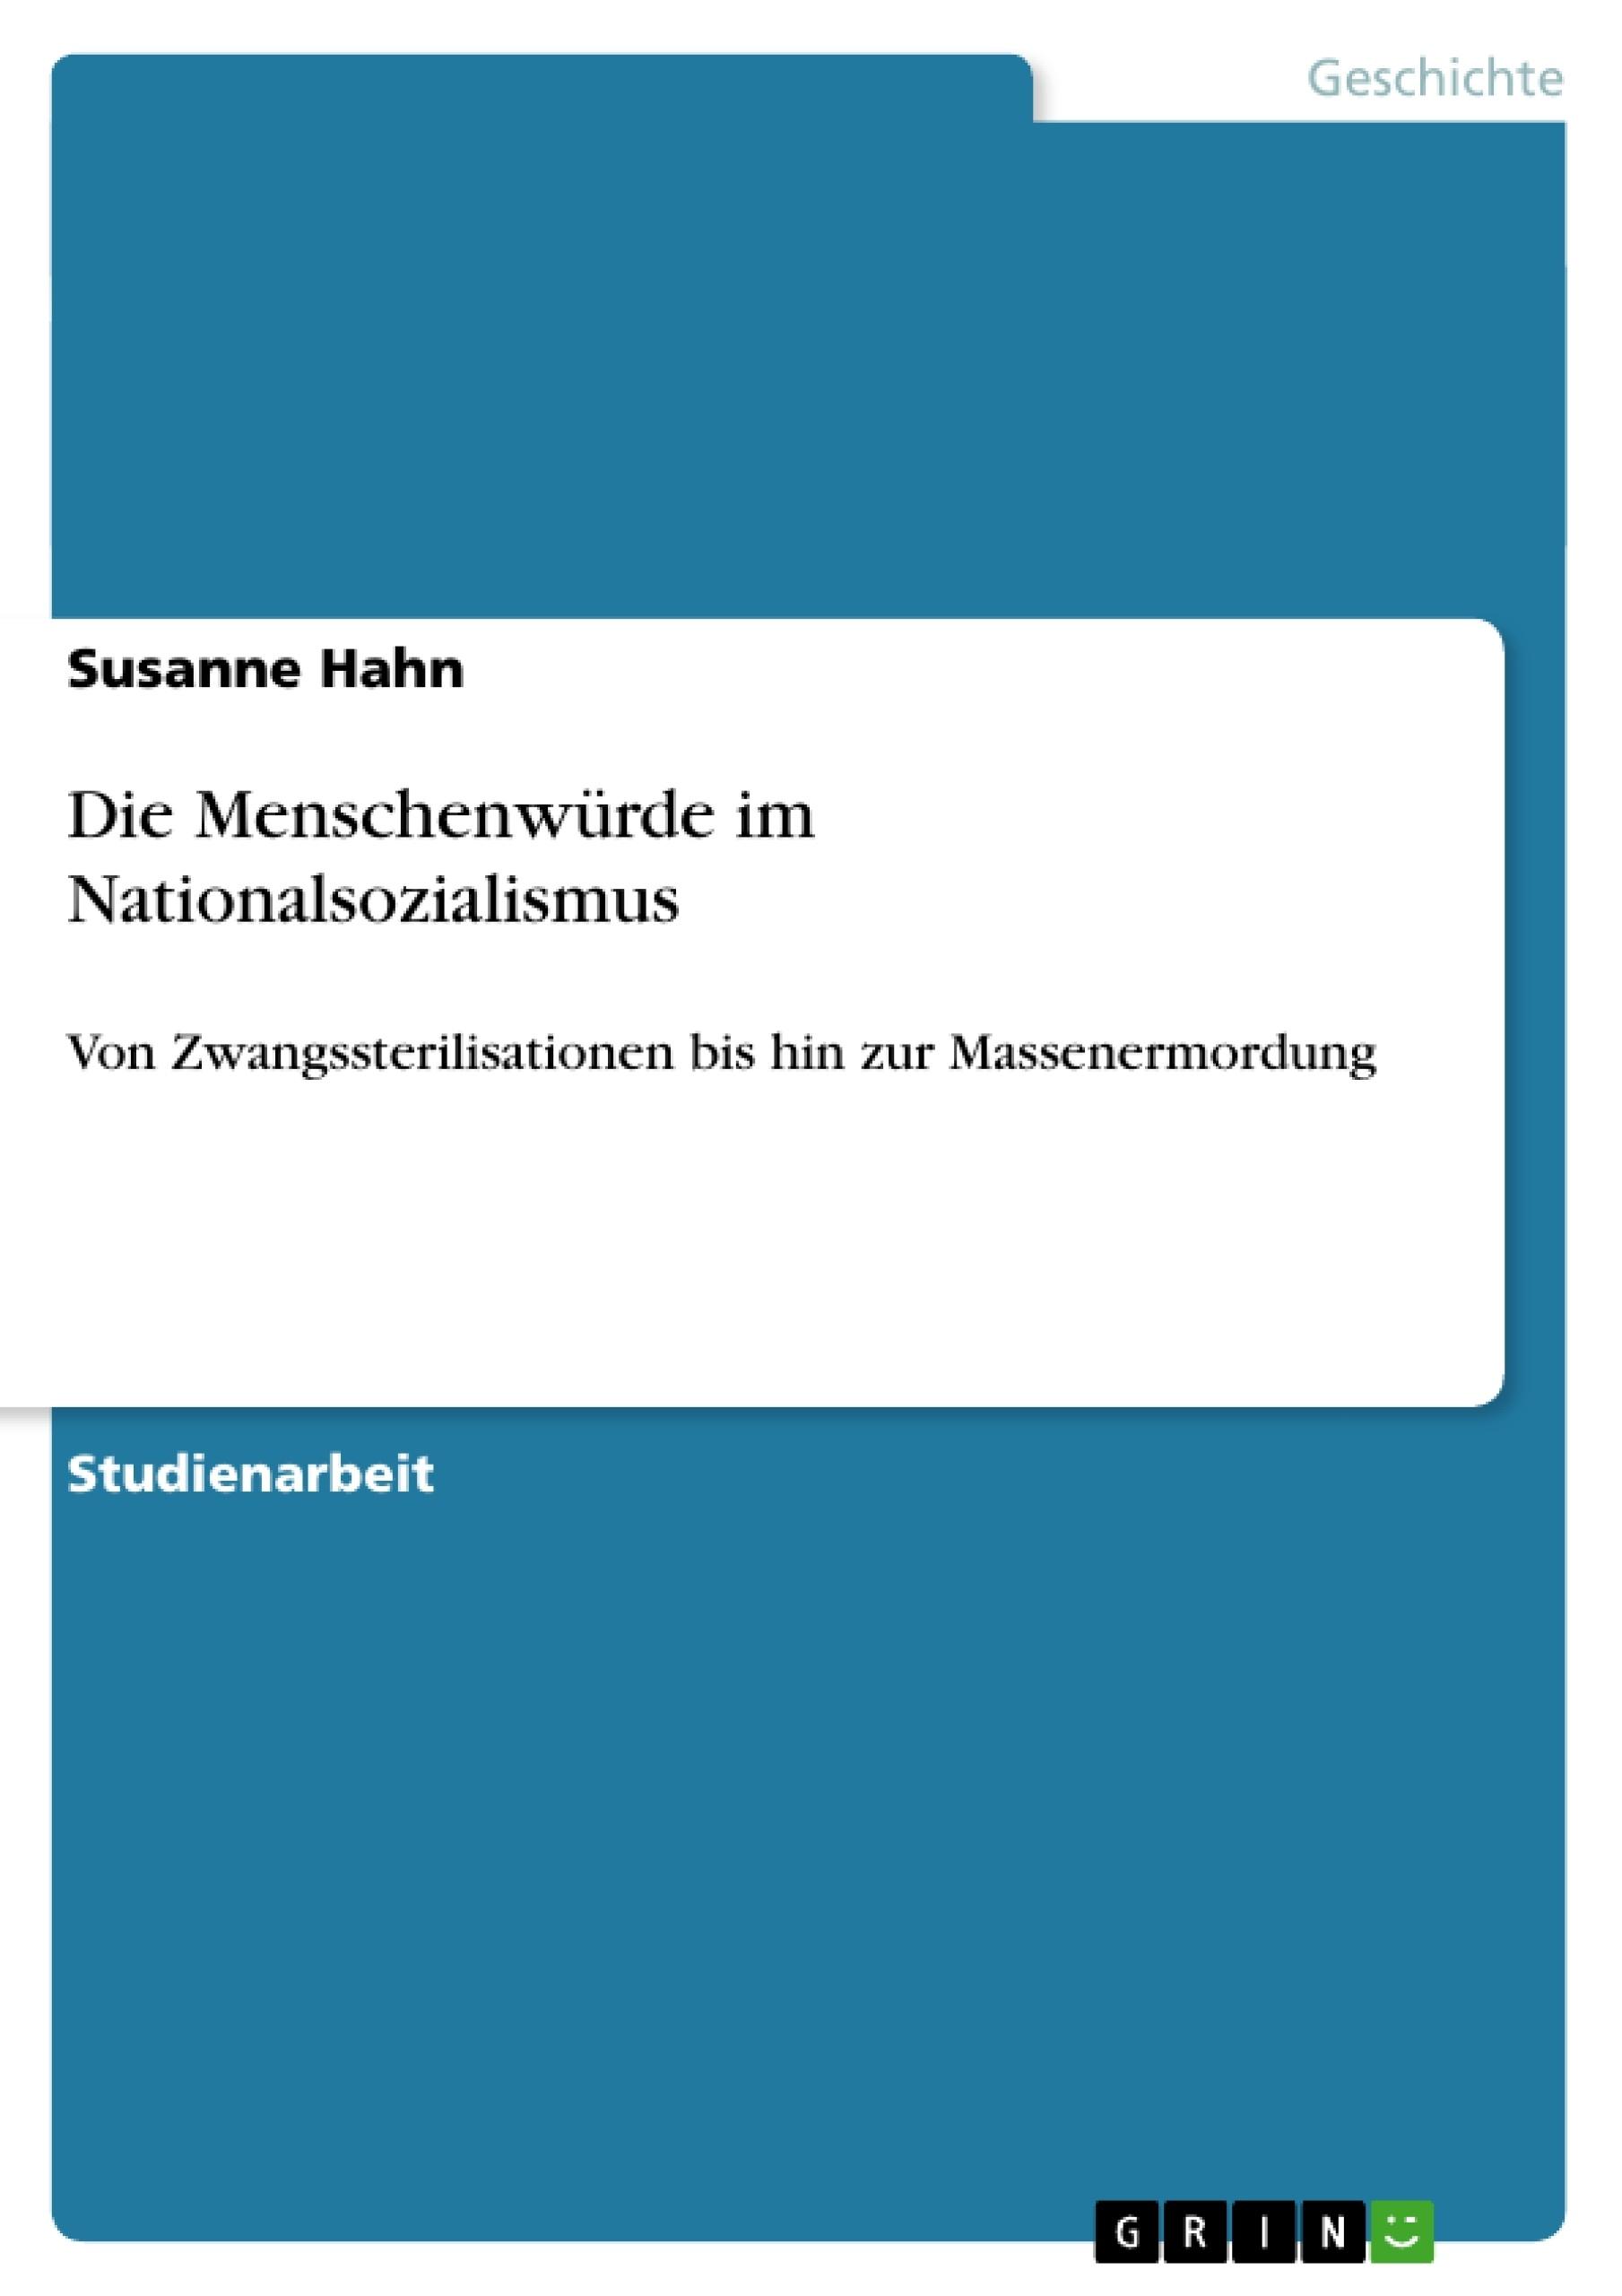 Titel: Die Menschenwürde im Nationalsozialismus